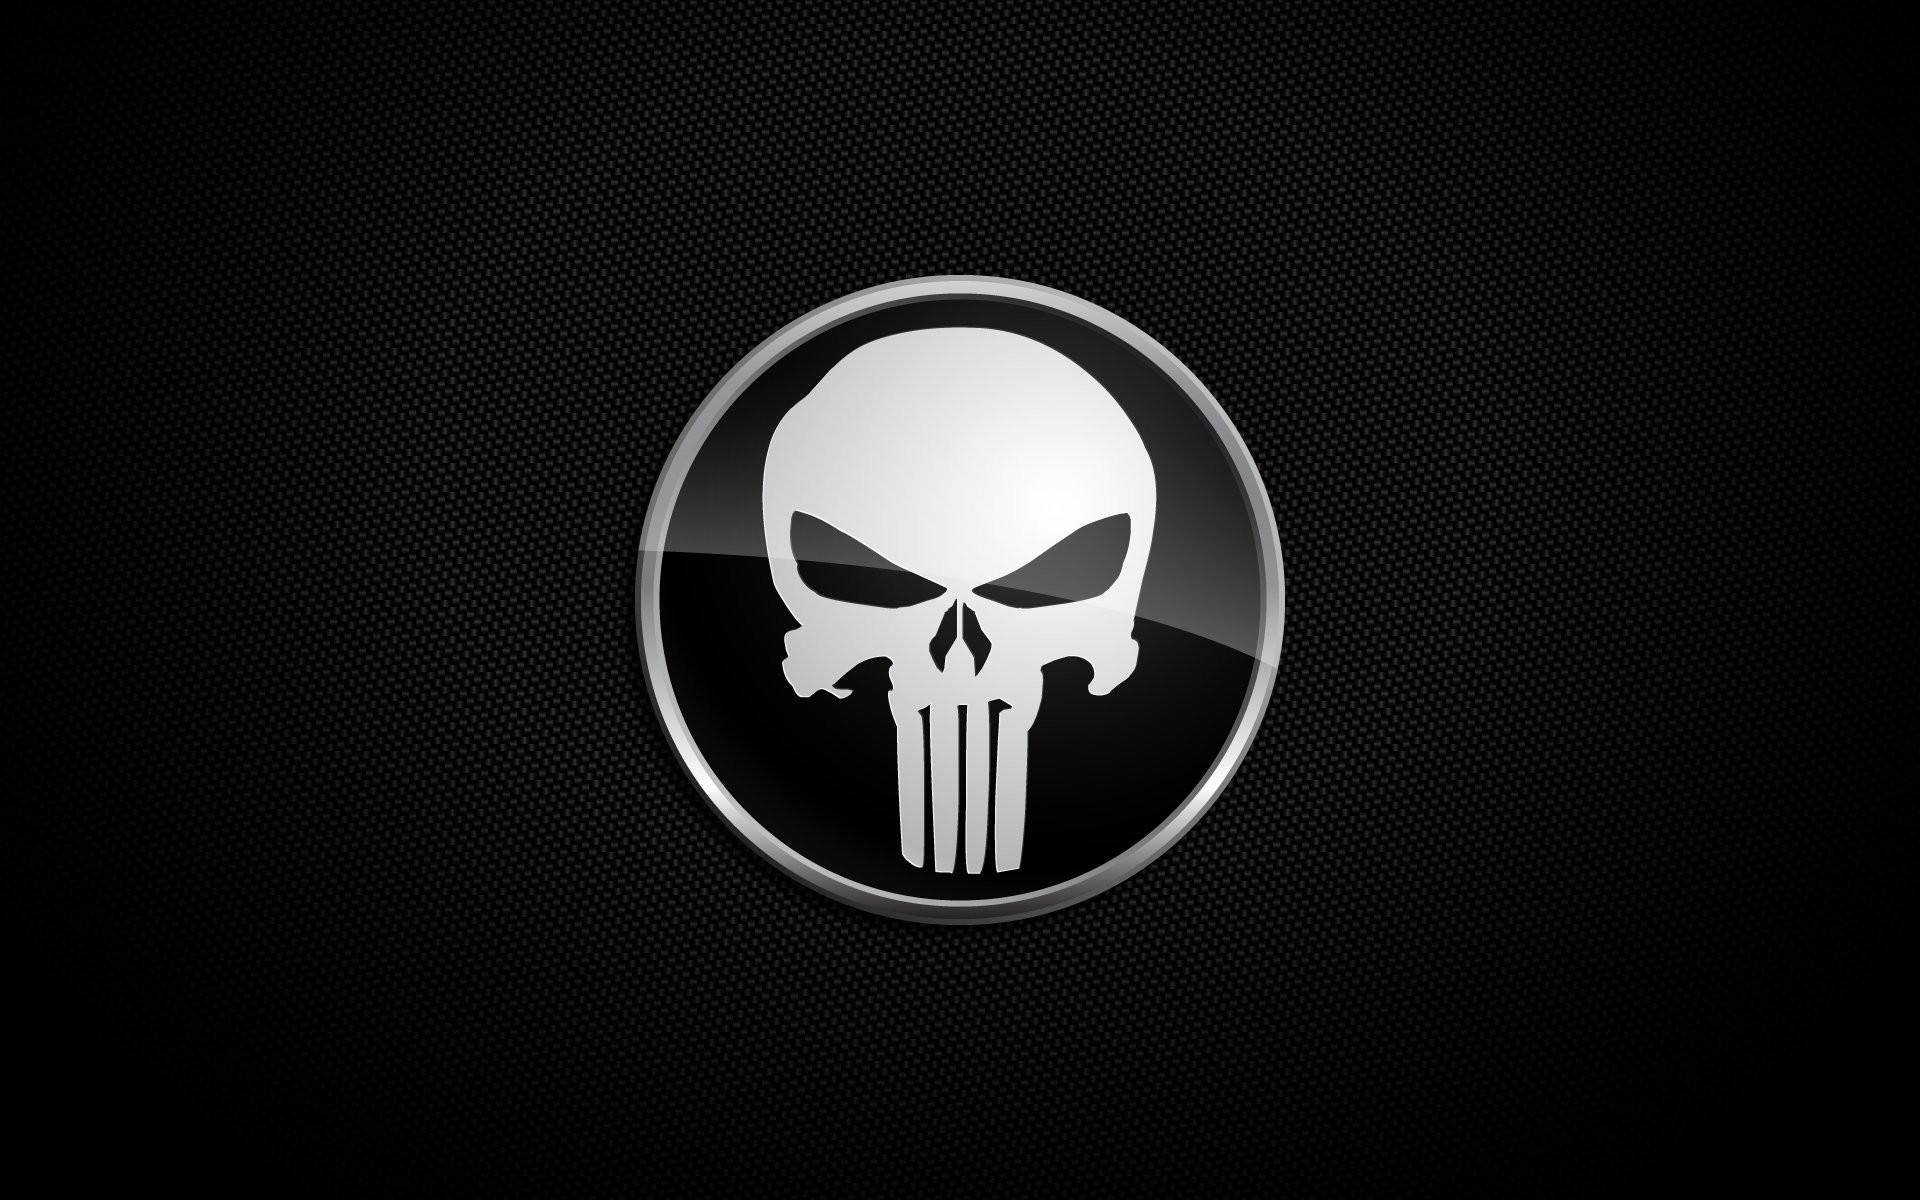 Marvel Red Skull Wallpaper 57 Images